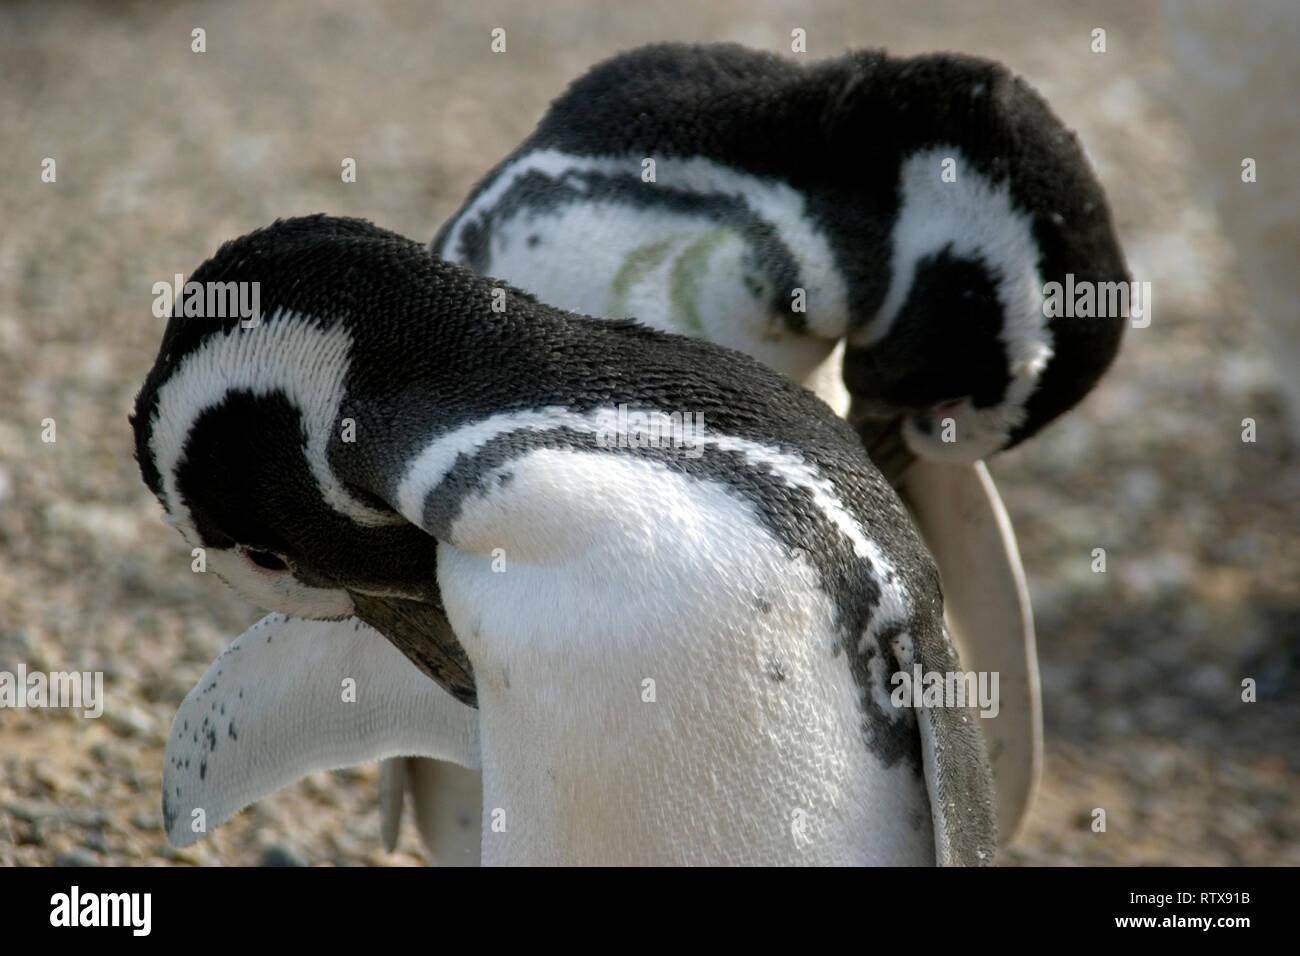 Pingüinos de Magallanes, Spheniscus magellanicus, Pinguinera Punta Tombo, Rawson, Chubut, Patagonia Argentina Foto de stock